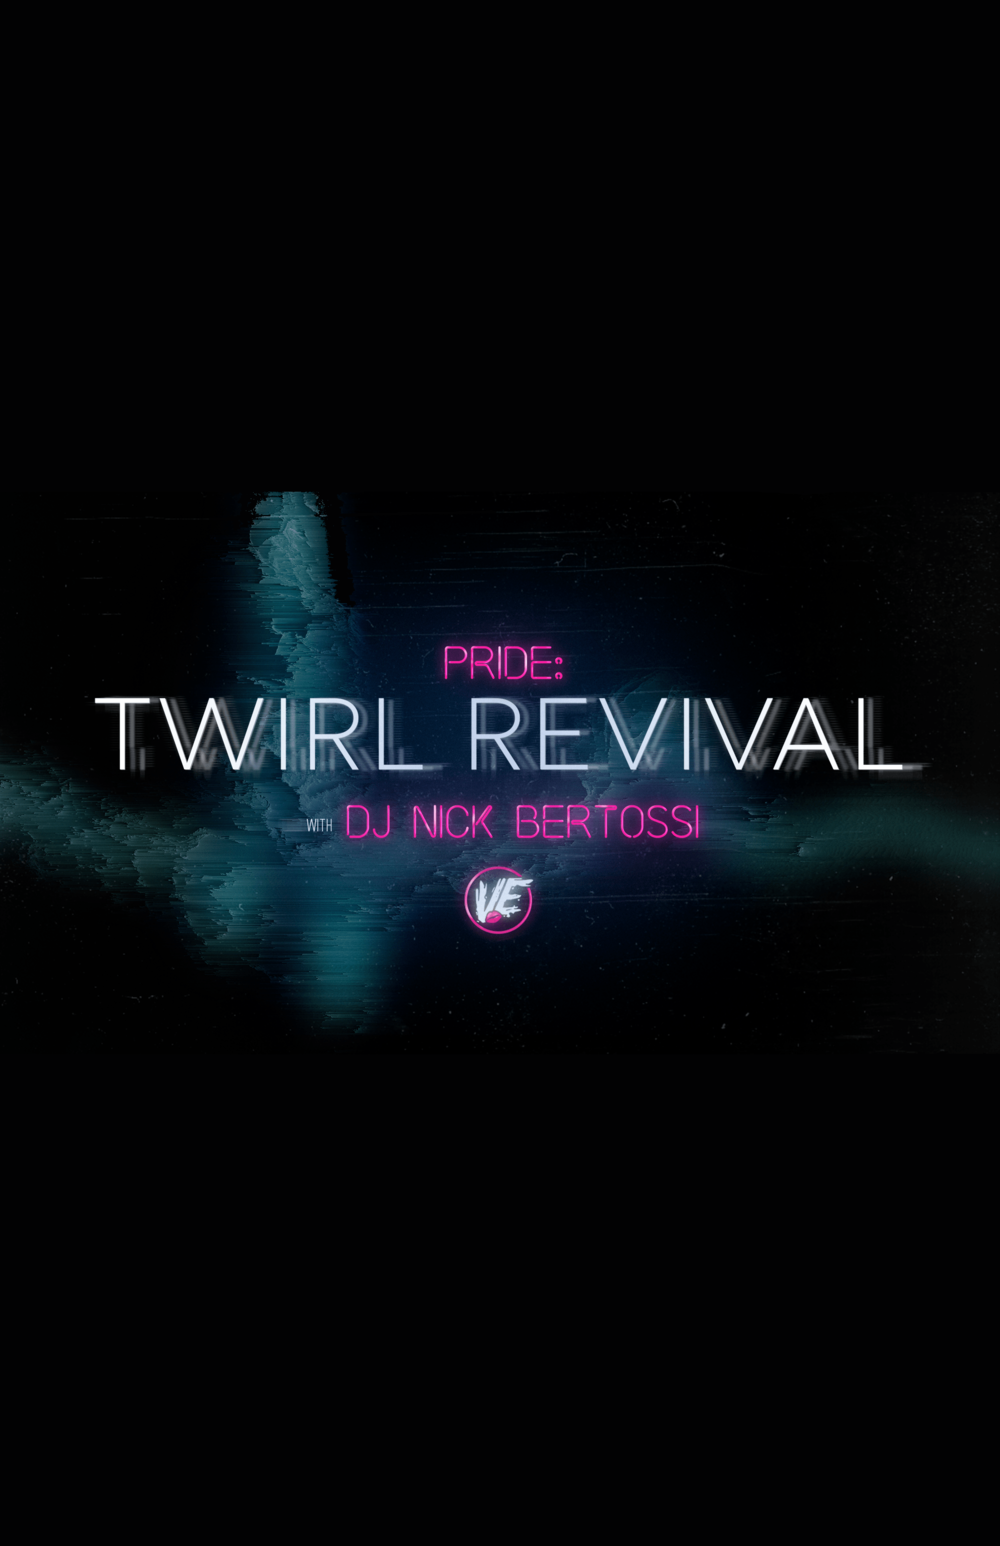 verotica_revival_11x17.png